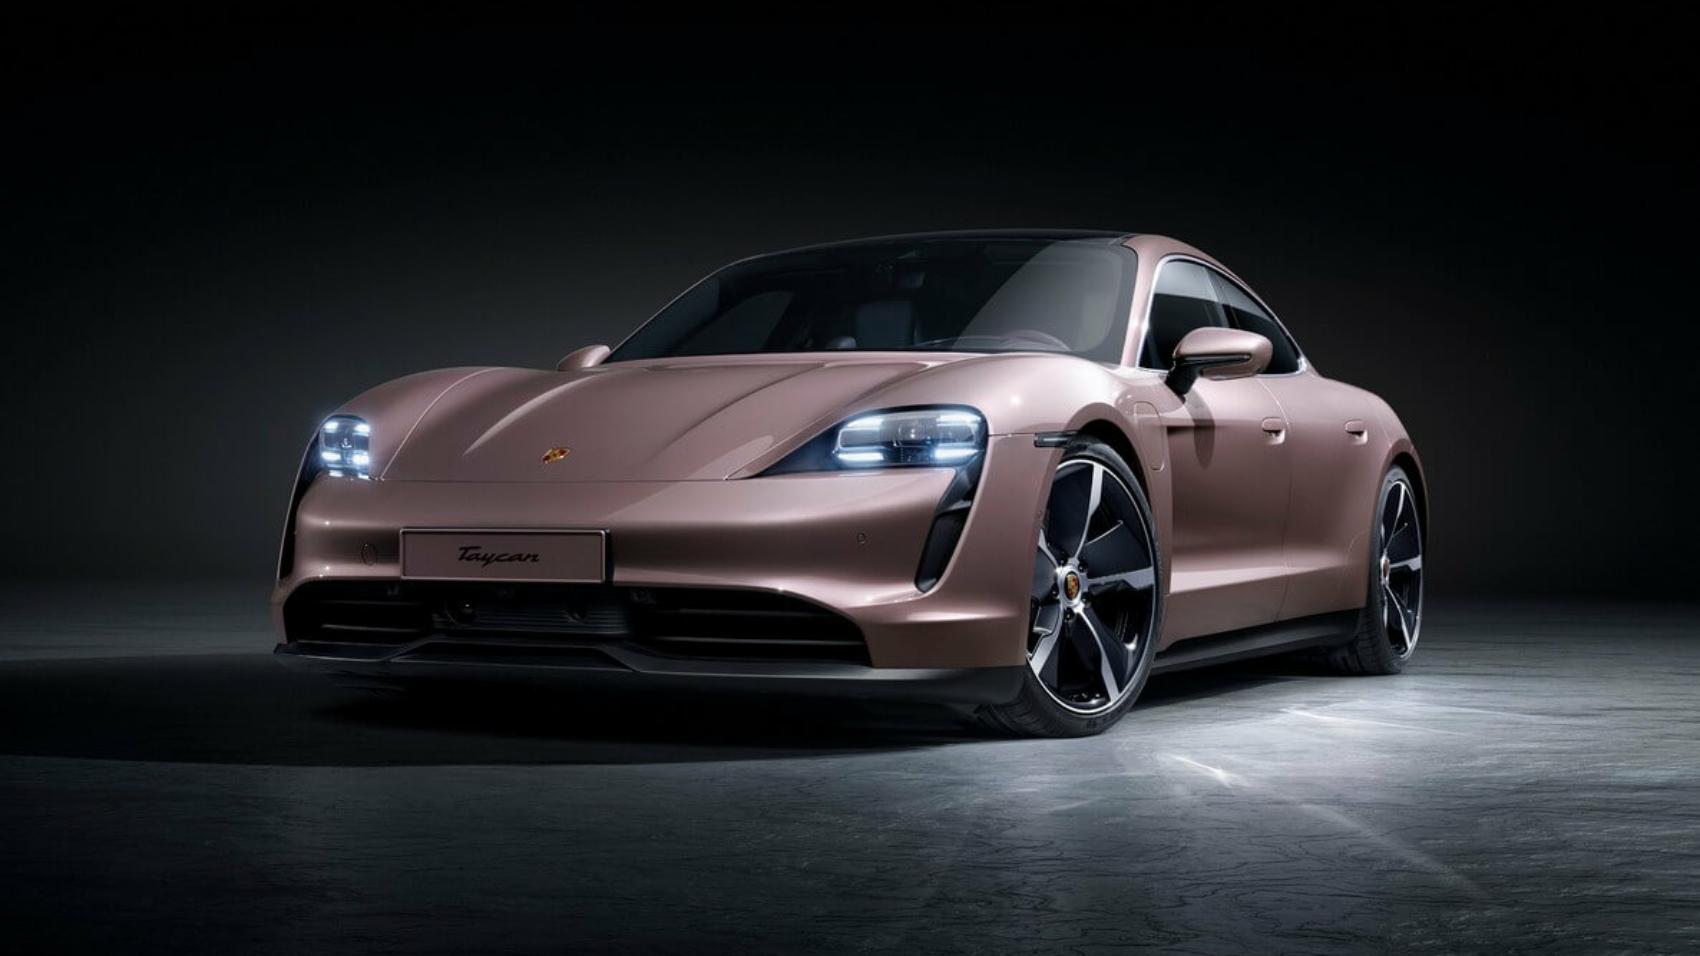 2021 Porsche Taycan base model